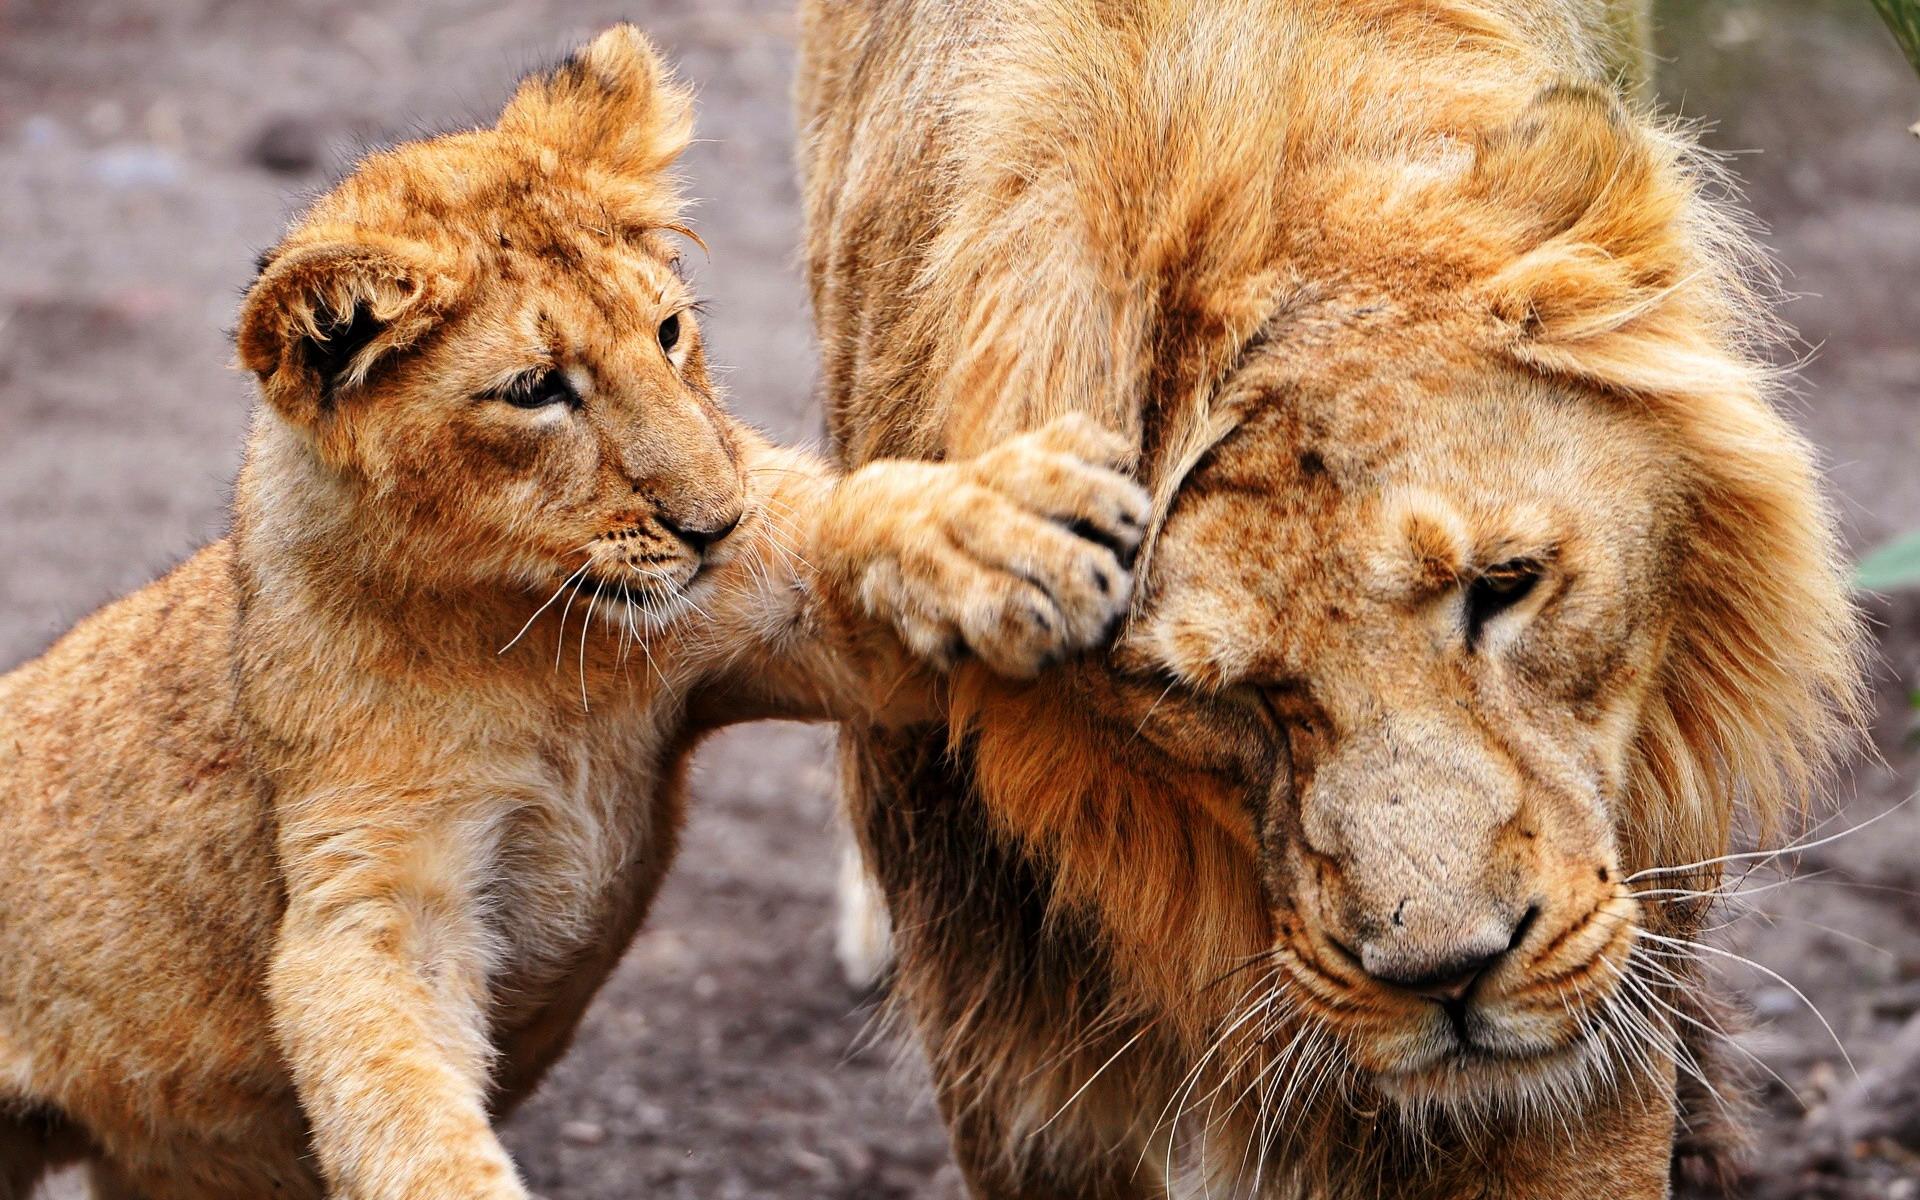 картинки для рабочего стола львы: